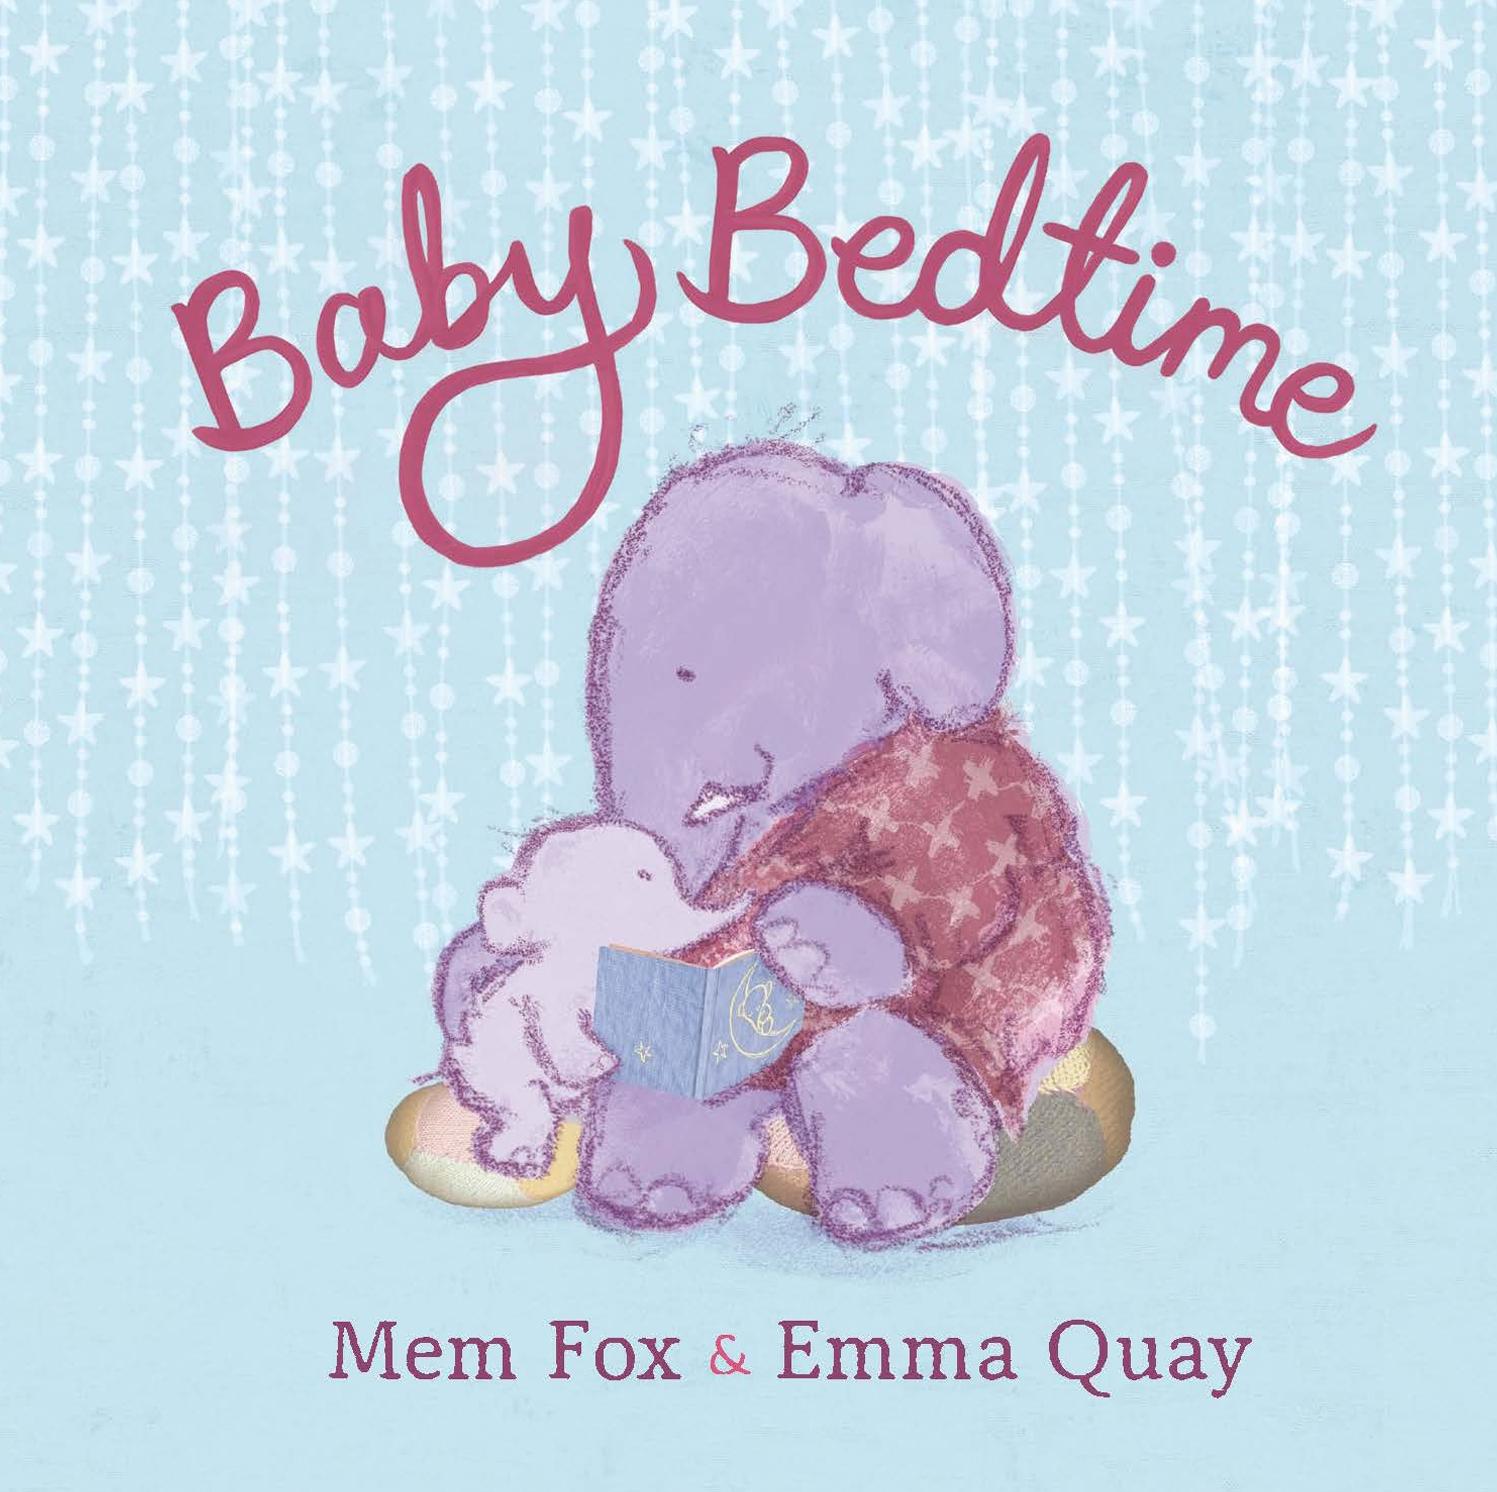 BABY BEDTIME by Mem Fox and Emma Quay (Viking/Penguin Books Australia | Beach Lane Books, USA) •http://www.emmaquay.com